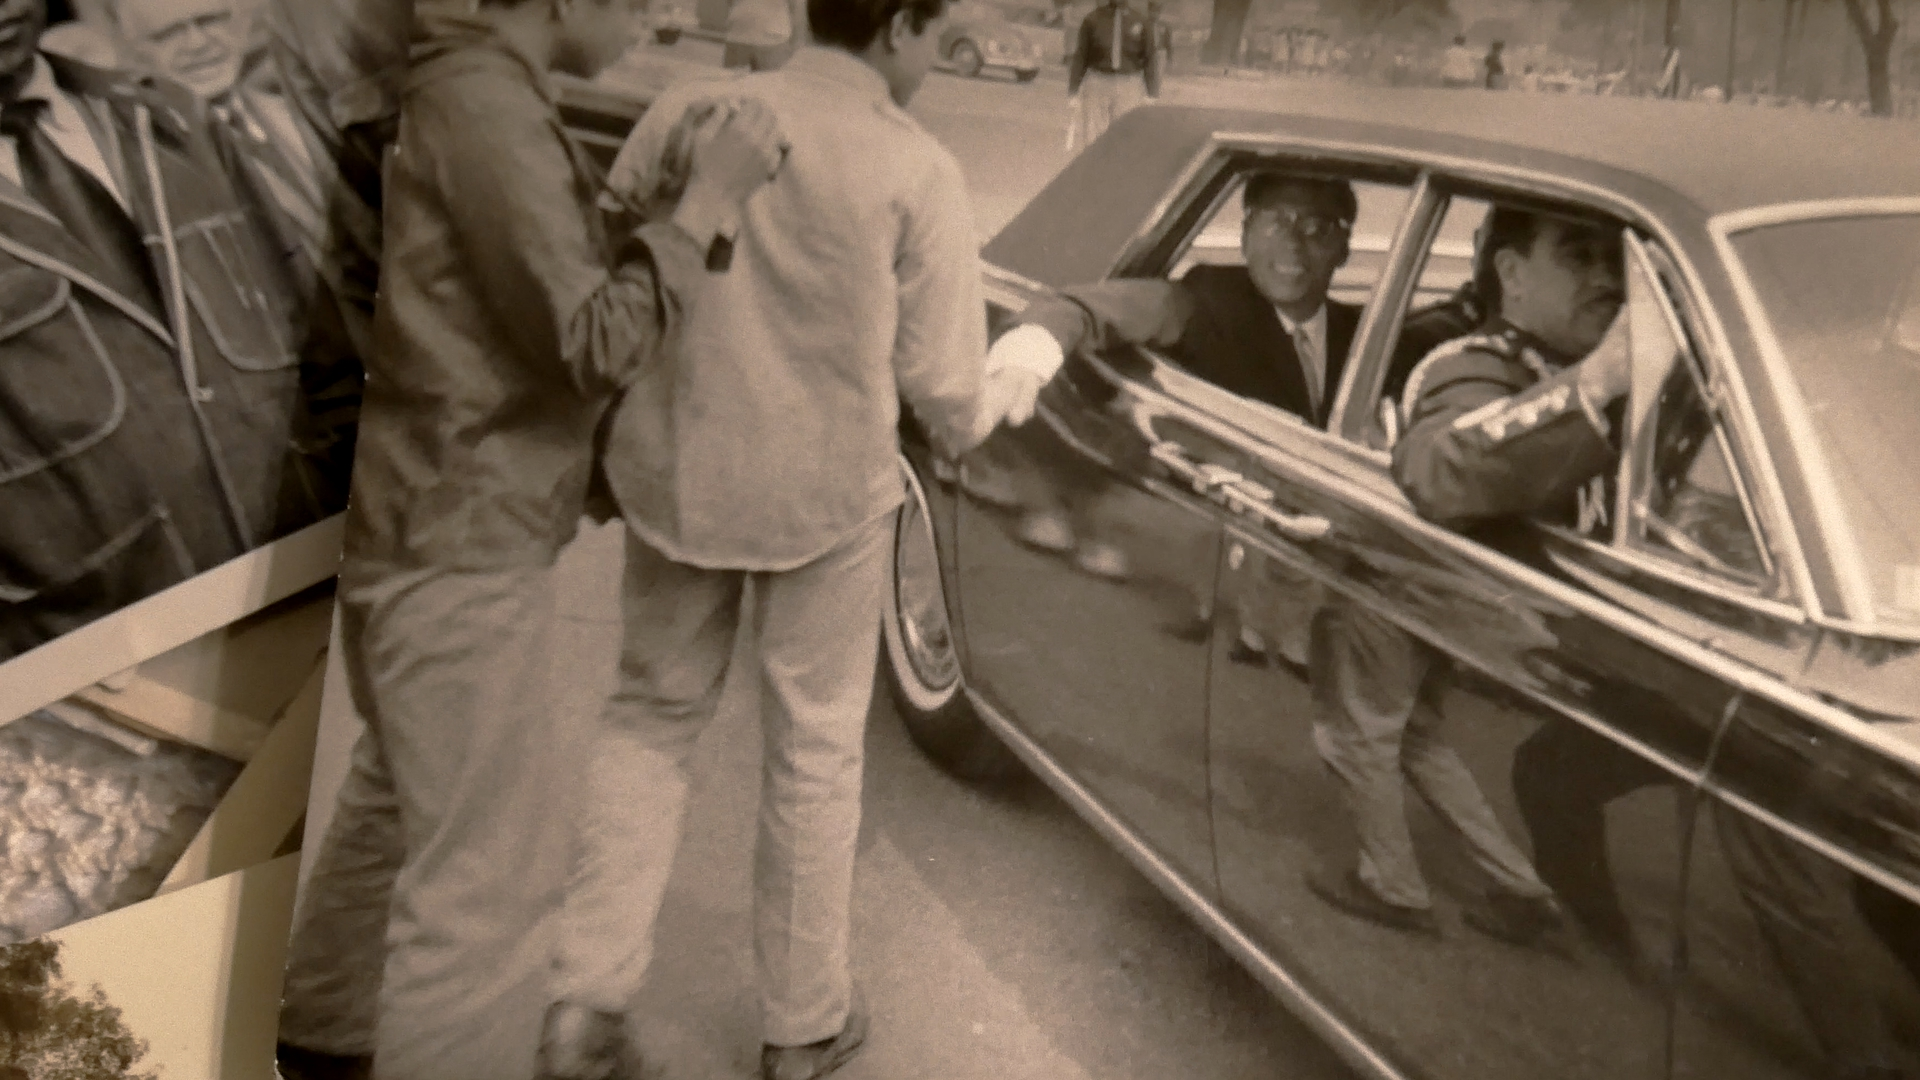 Imágenes como las del presidente Gustavo Díaz Ordaz, responsable de la masacre de estudiantes en 1968, se reviven no solo en televisión sino en redes sociales. Foto: Arturo Díaz